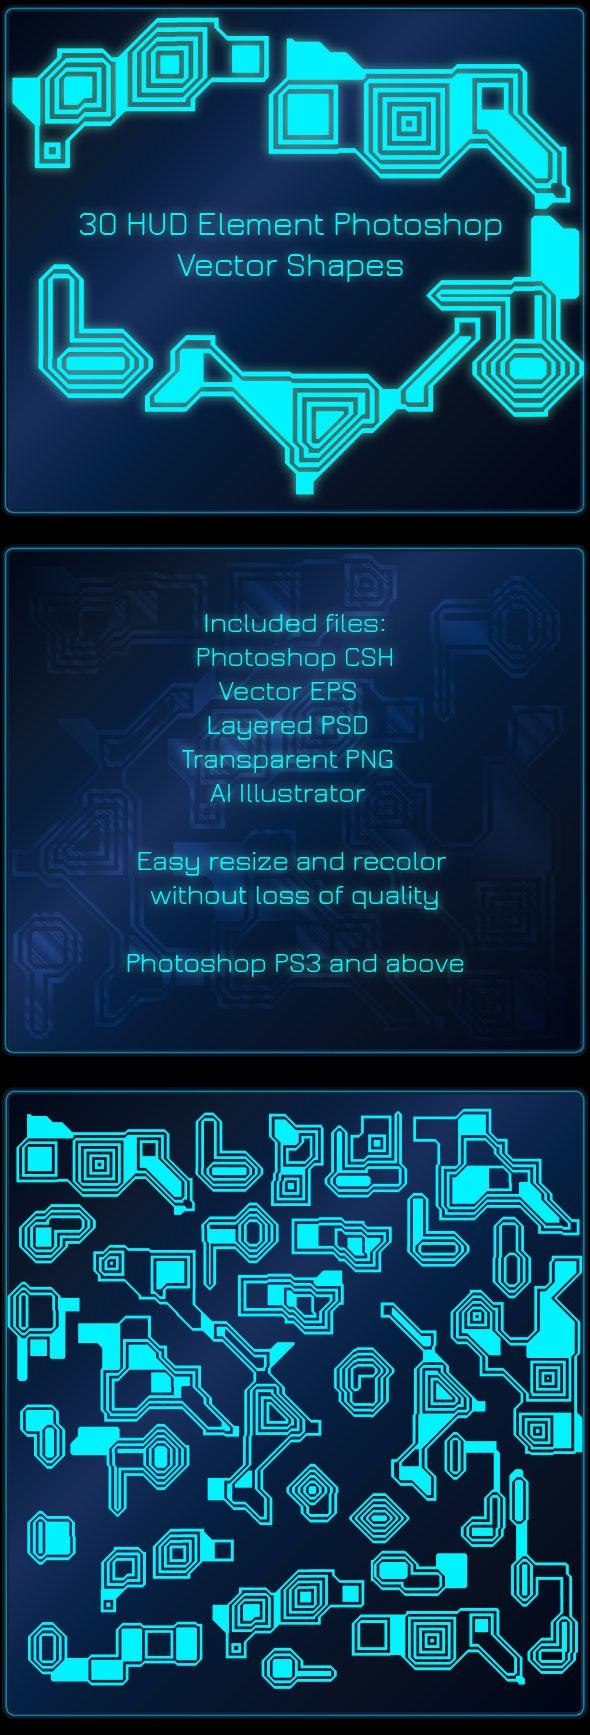 30 HUD Elements Vector Photoshop Shapes -  Hi-Tech Symbols - Symbols Shapes